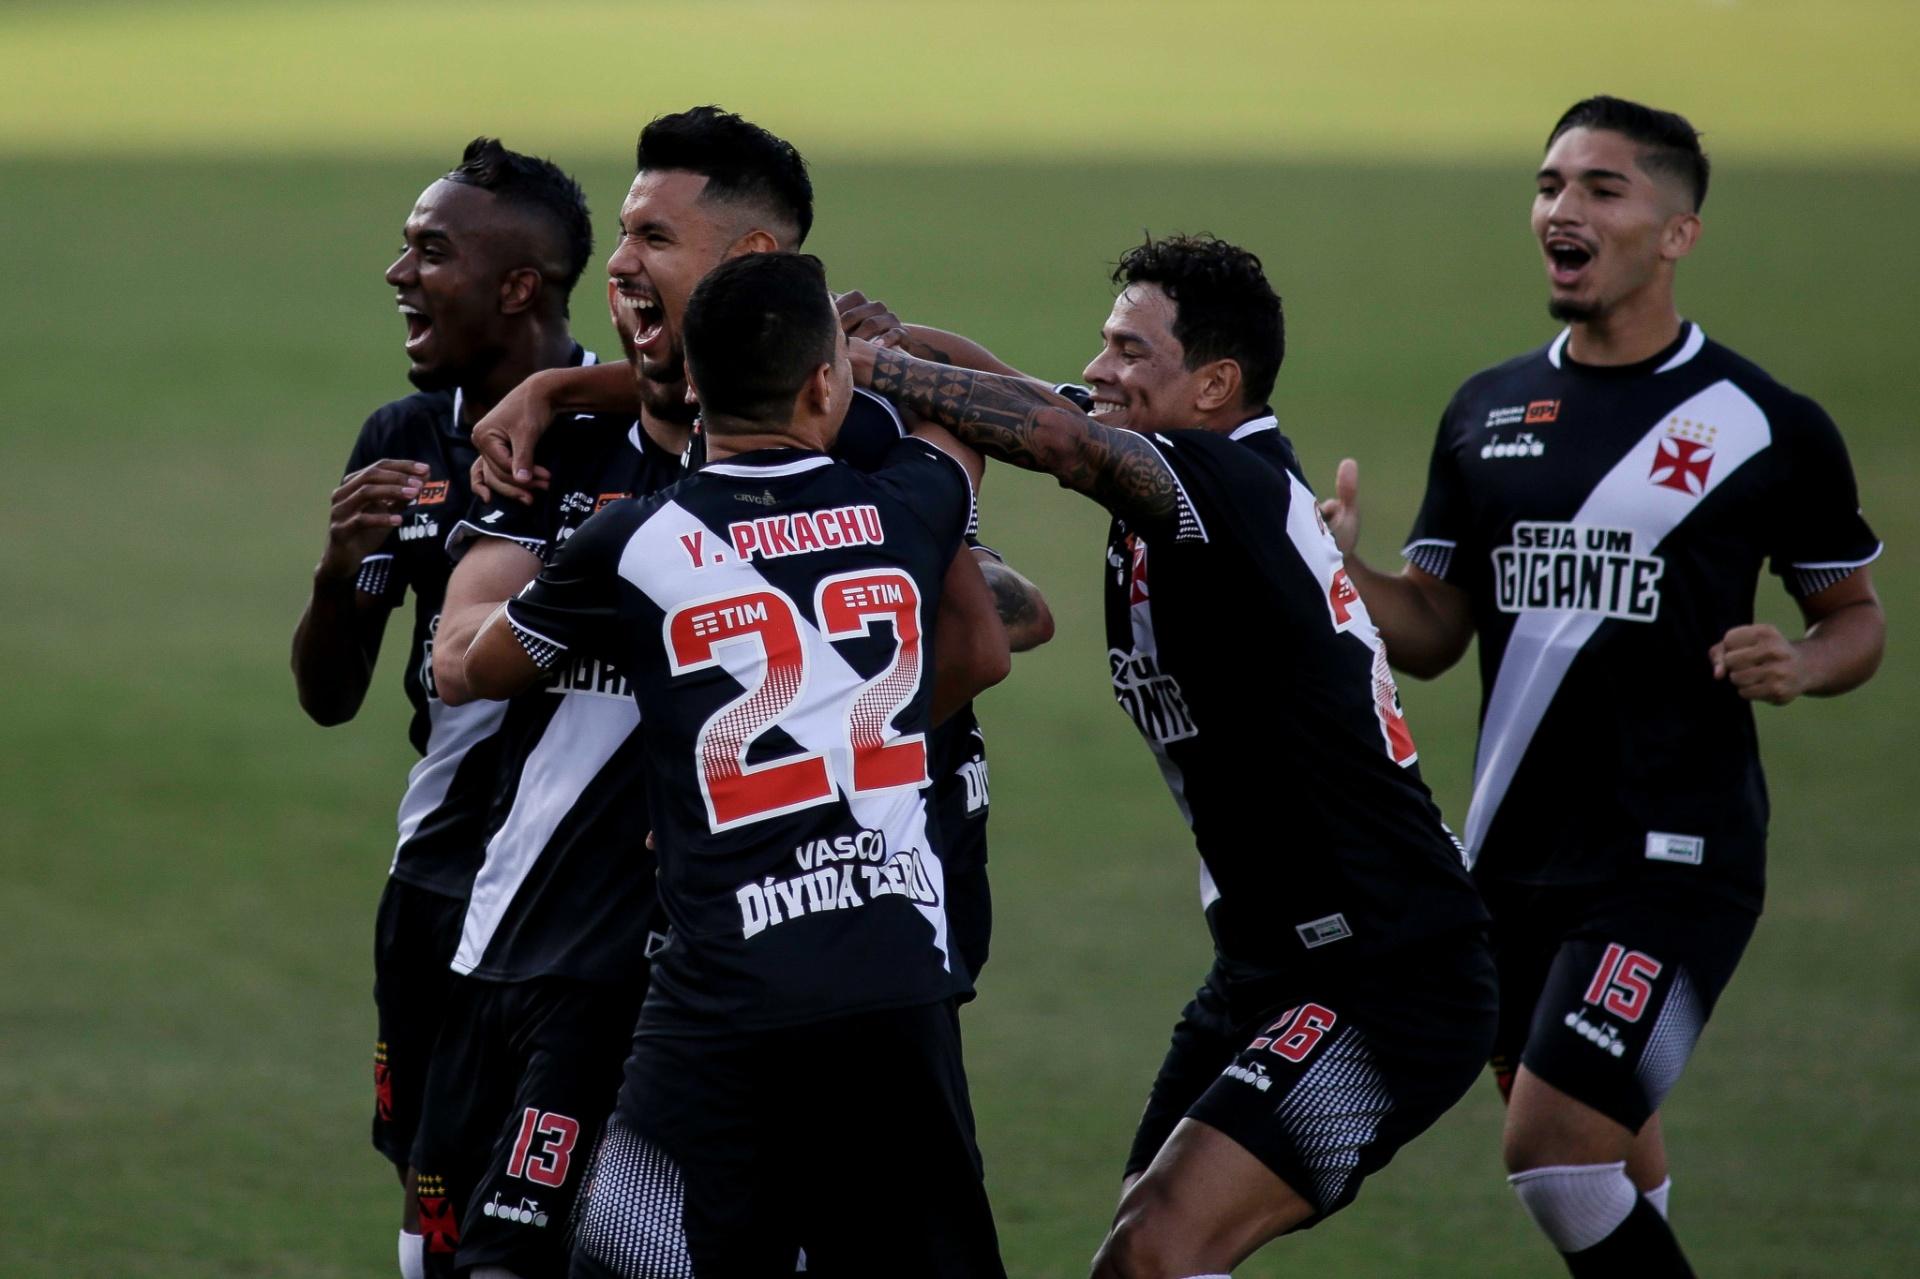 Vasco faz gol relâmpago 6d21a69d7c7d4